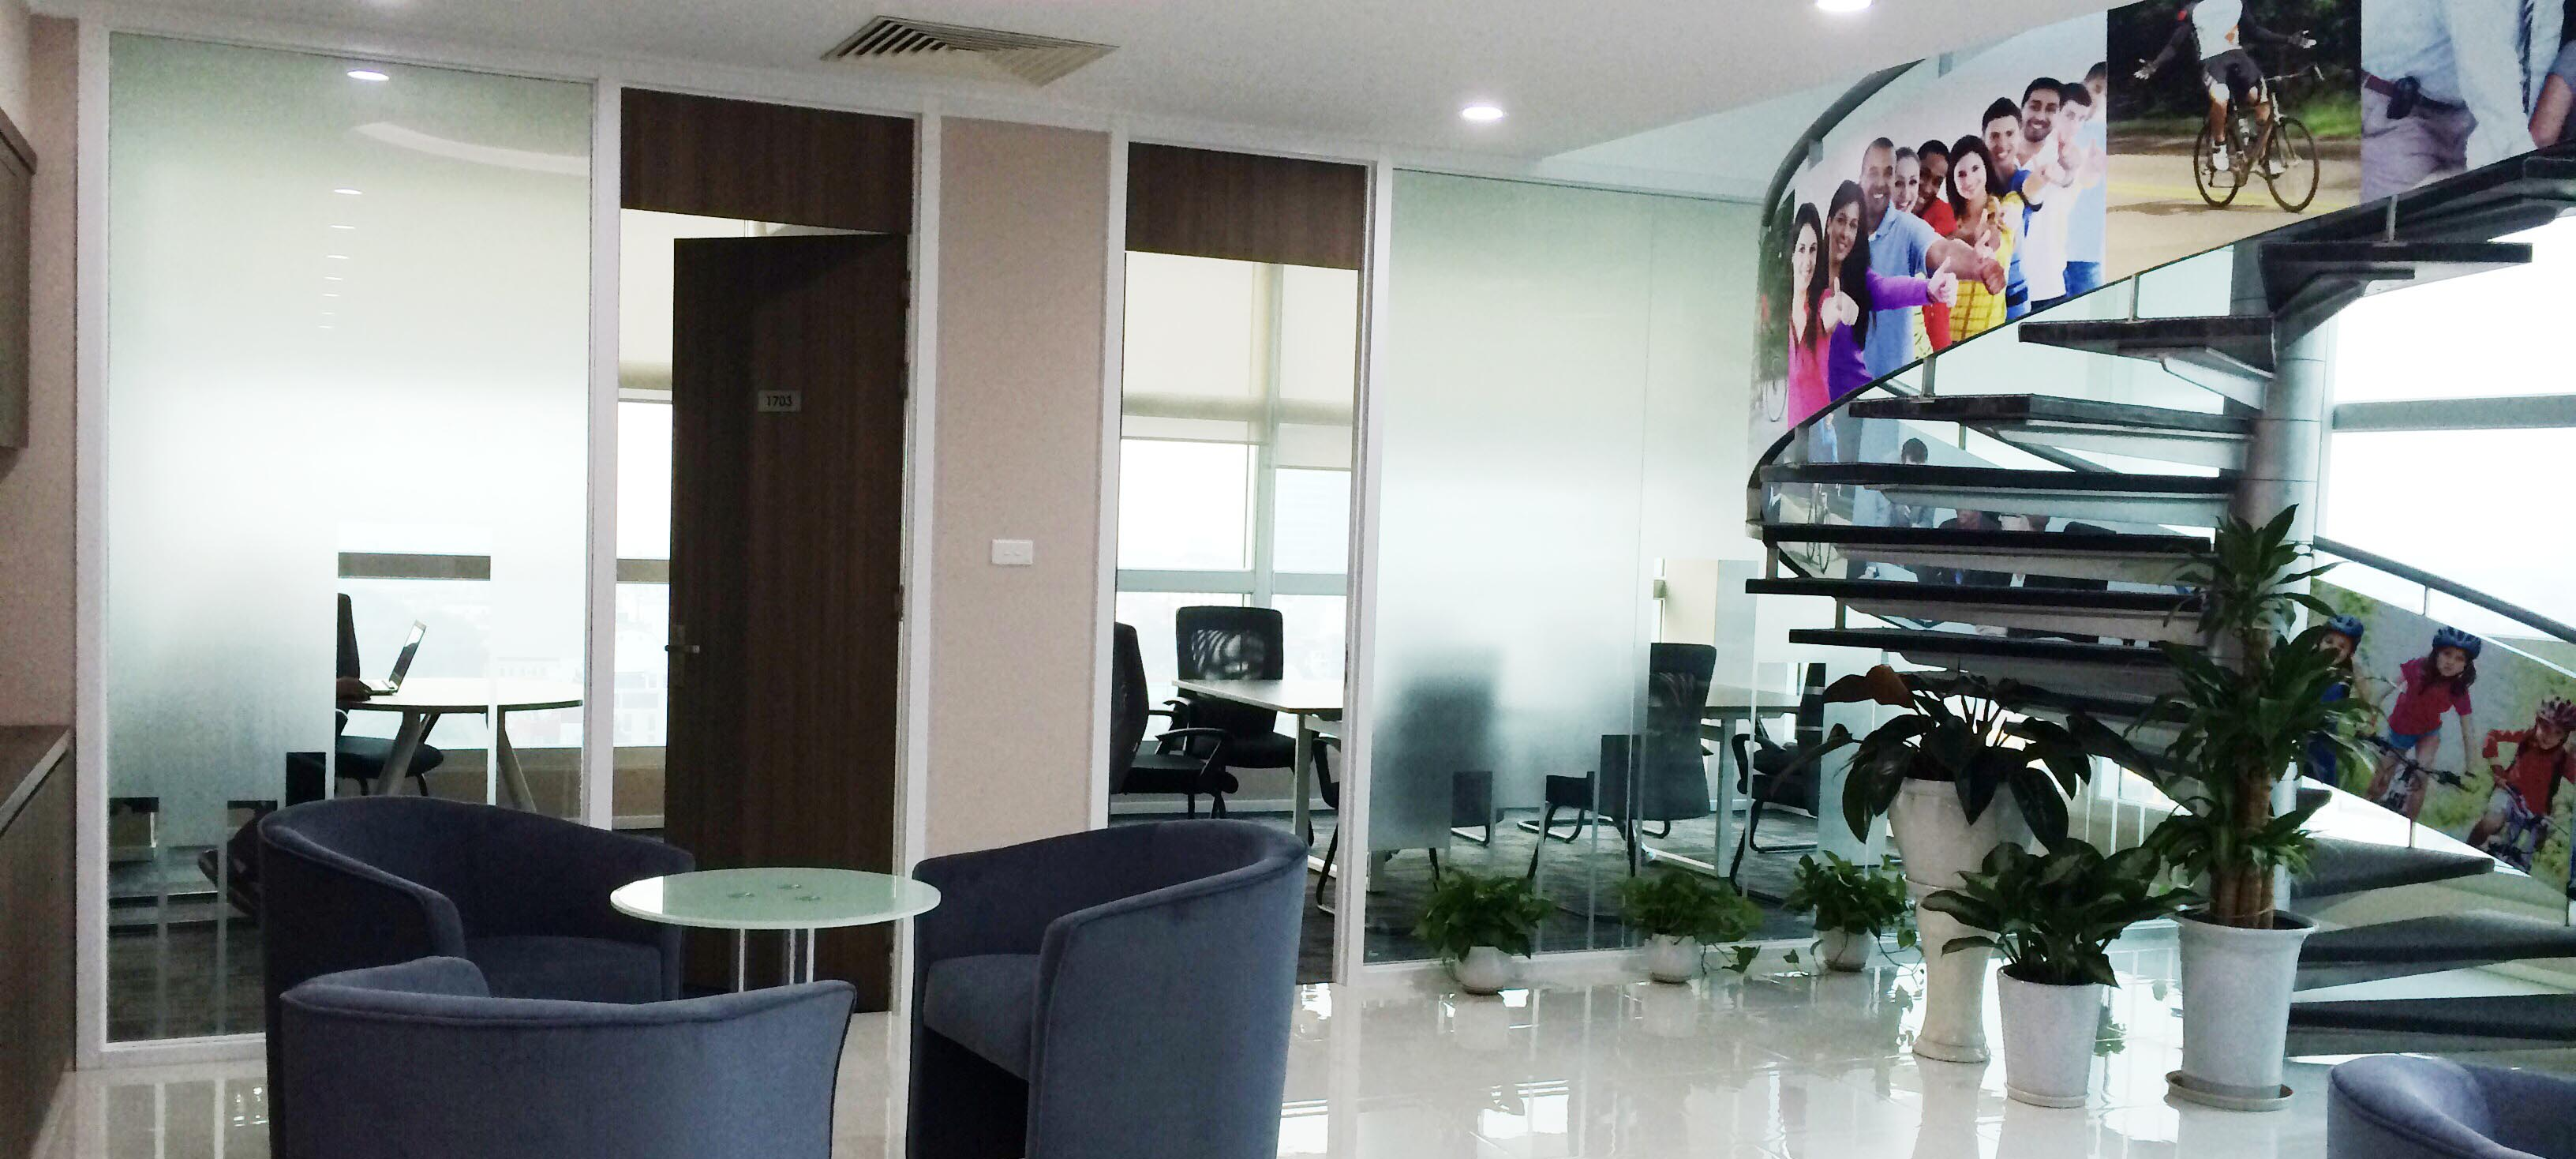 Tìm hiểu chi tiết về dịch vụ văn phòng cho thuê hạng B1